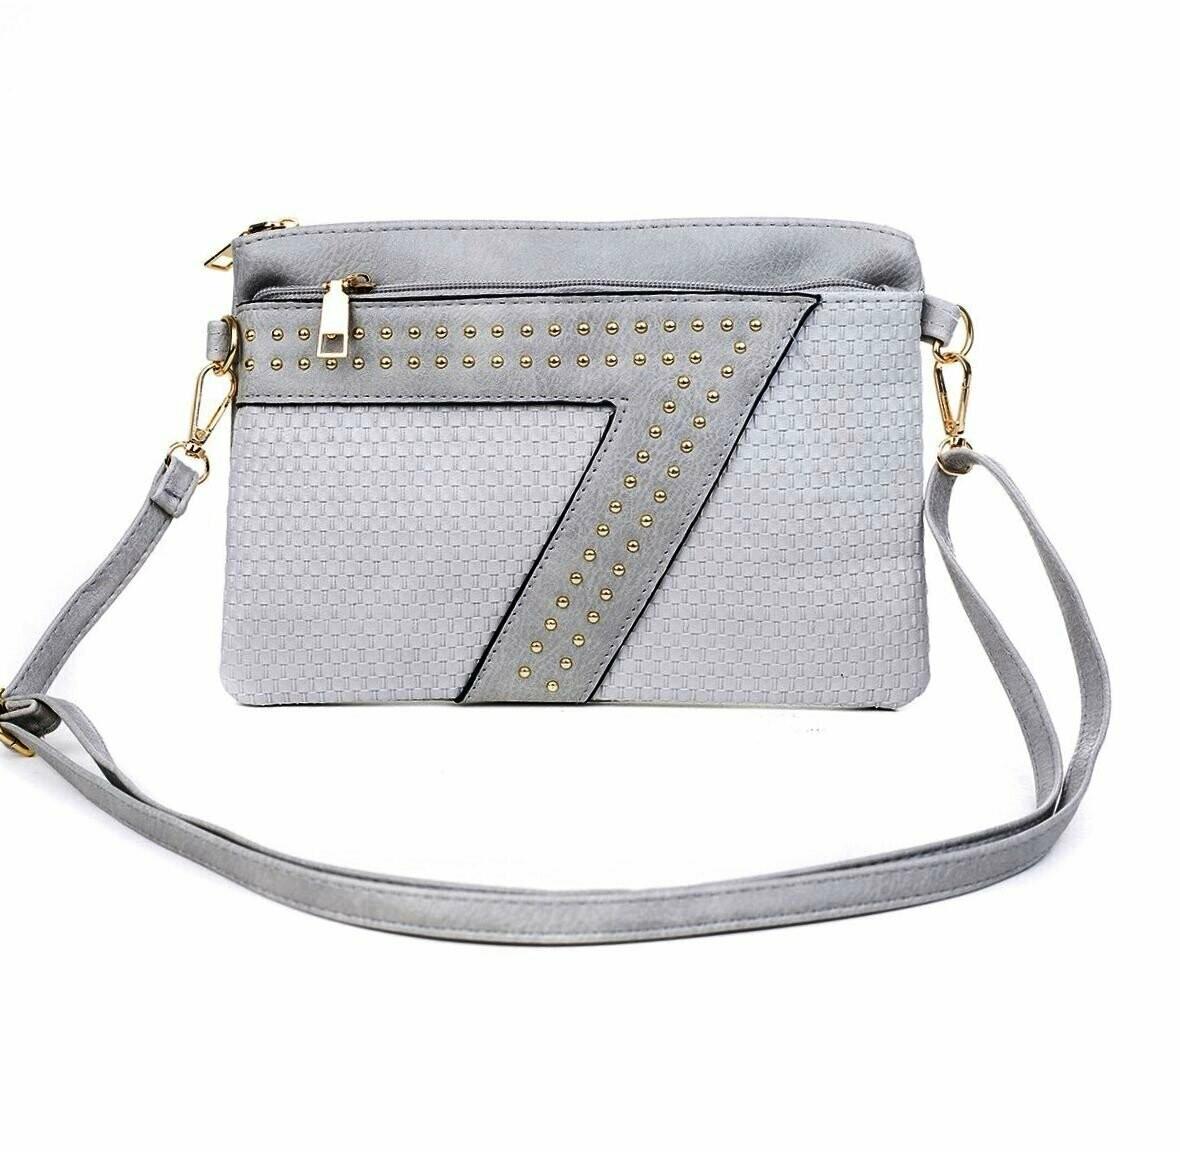 Grey Clutch/Shoulder Bag